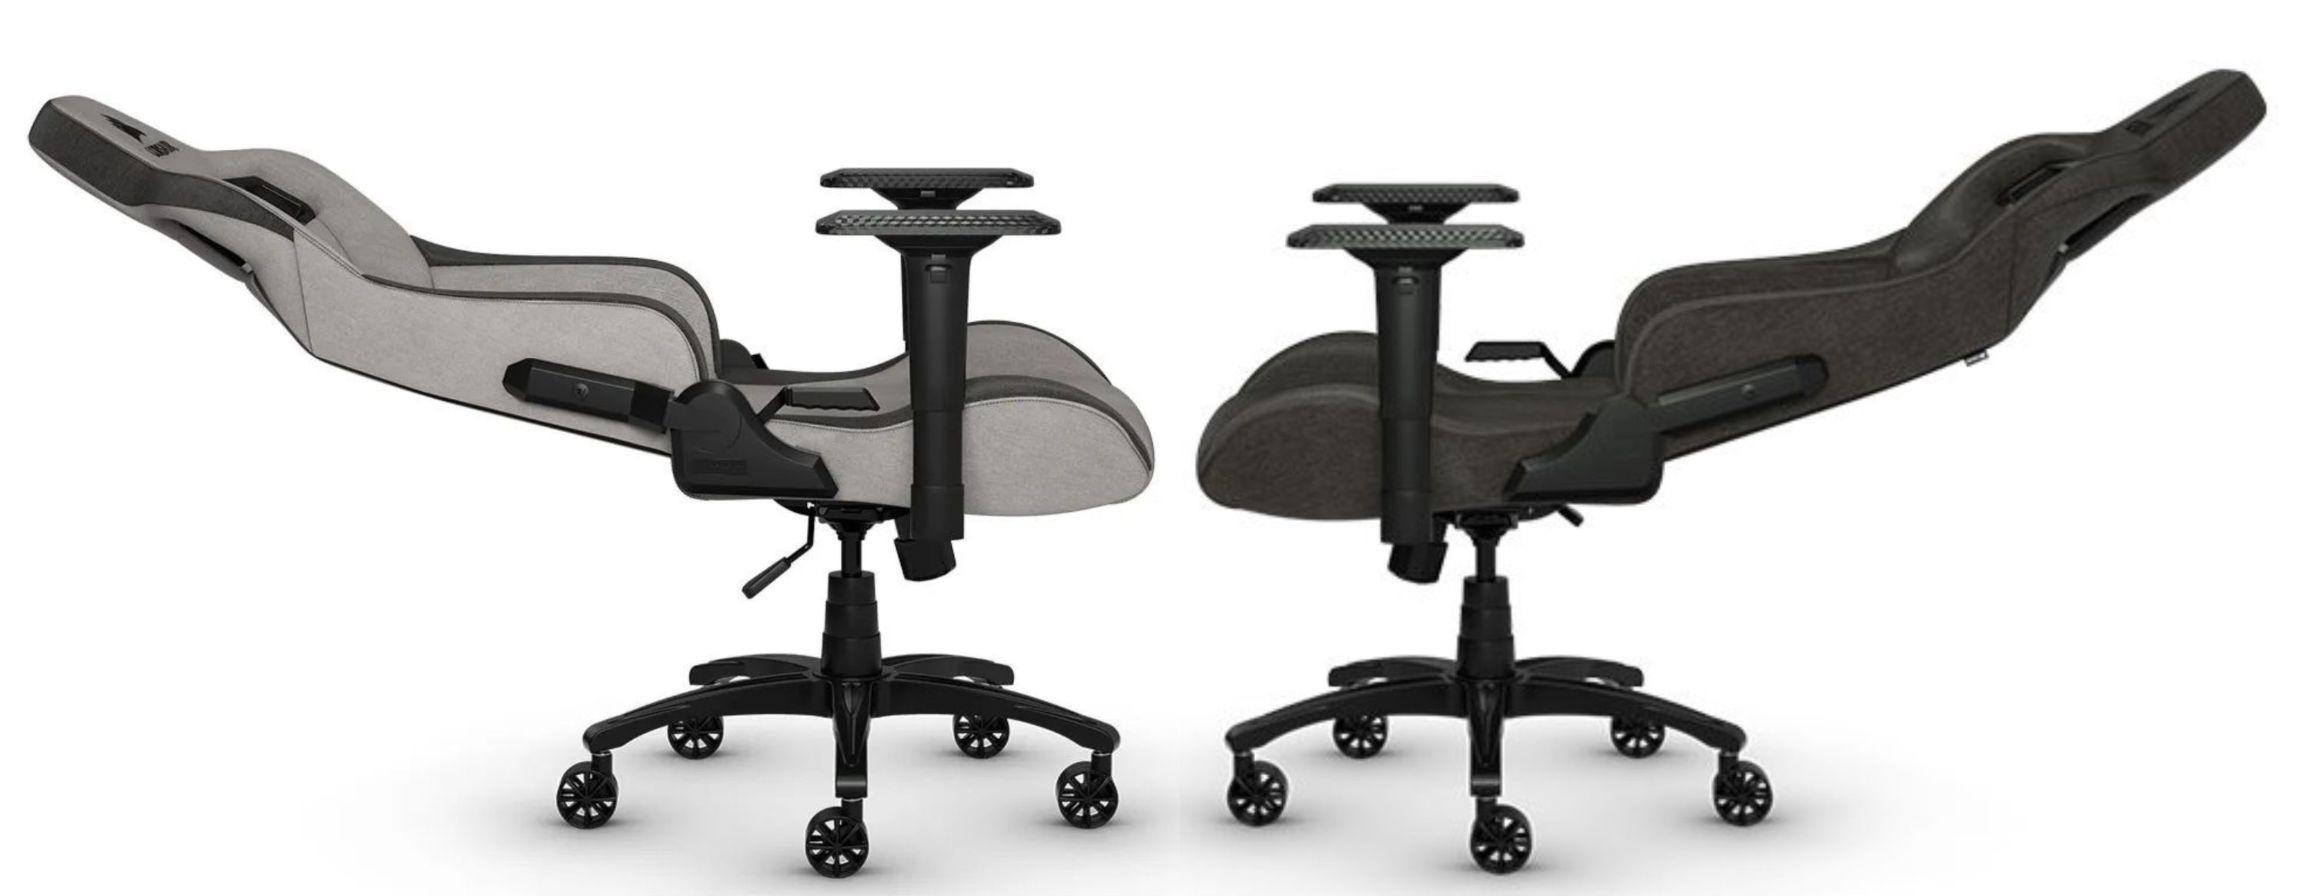 CORSAIR T3 RUSH Nuevas sillas de escritorio premium